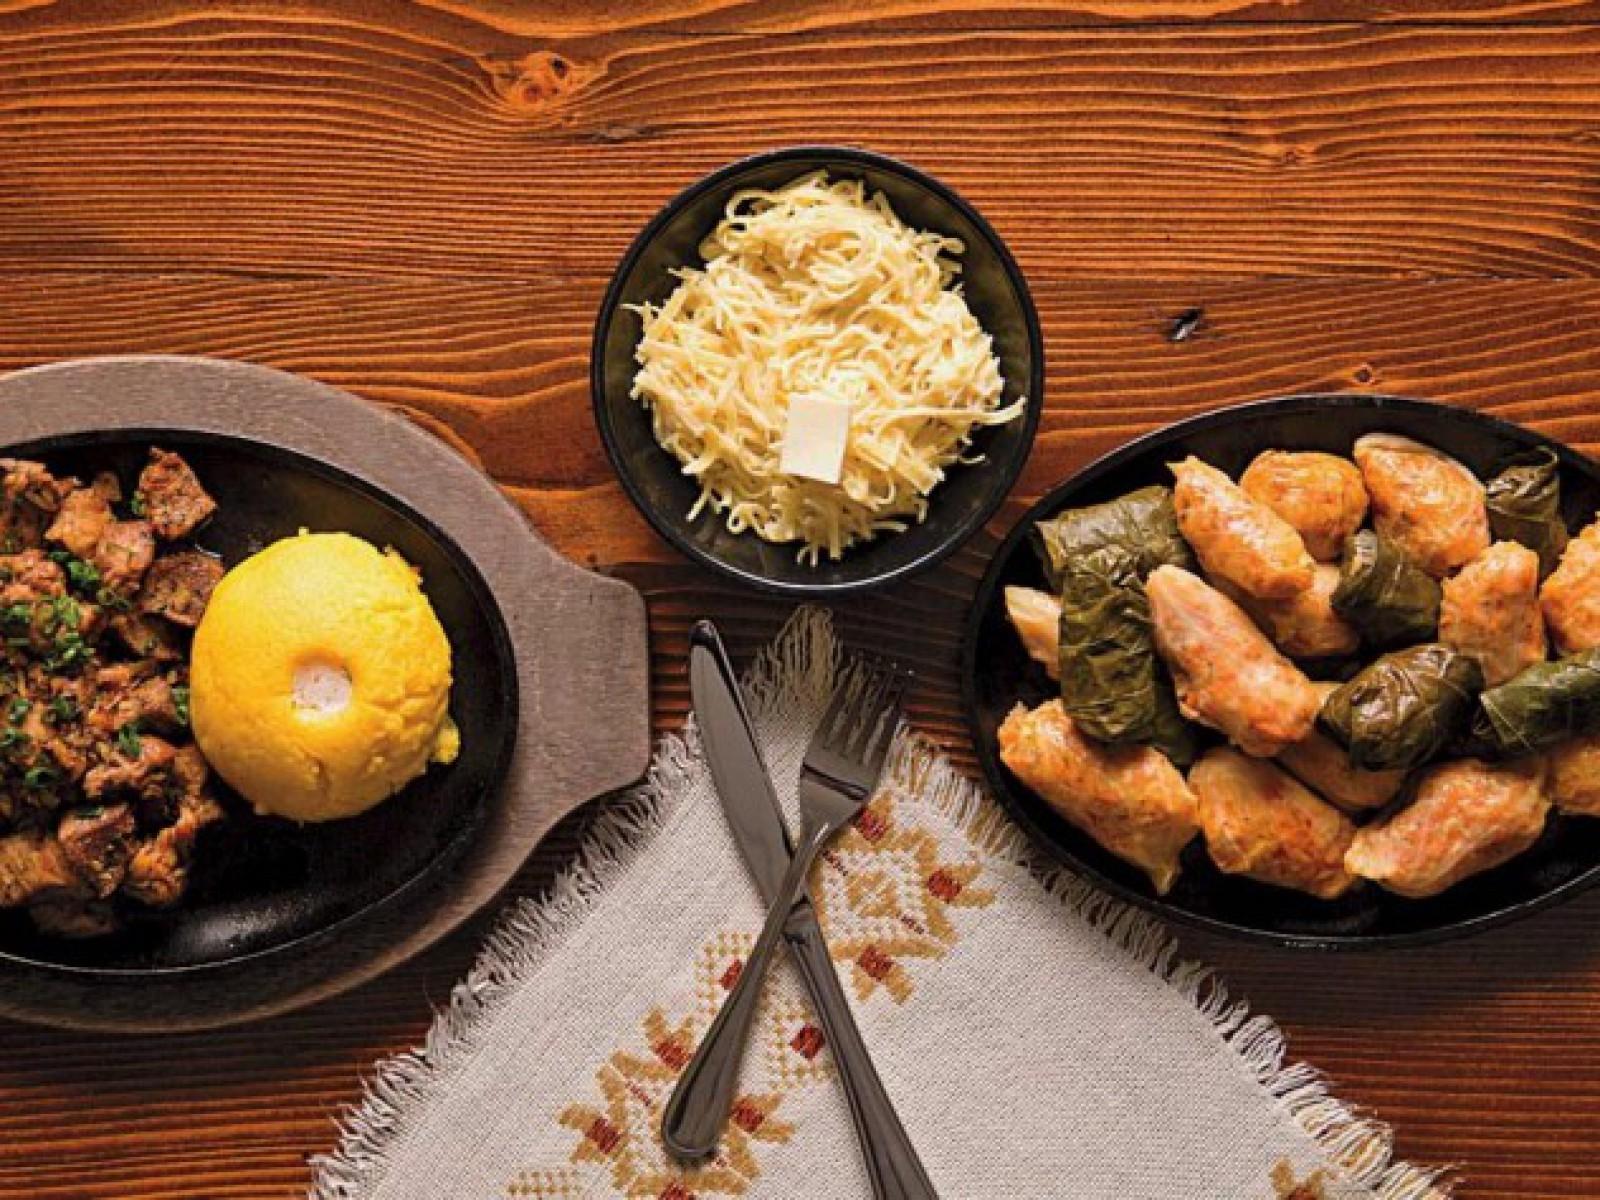 Arta culinară moldovenească apreciată și în statele americane. Care sunt bucatele alese